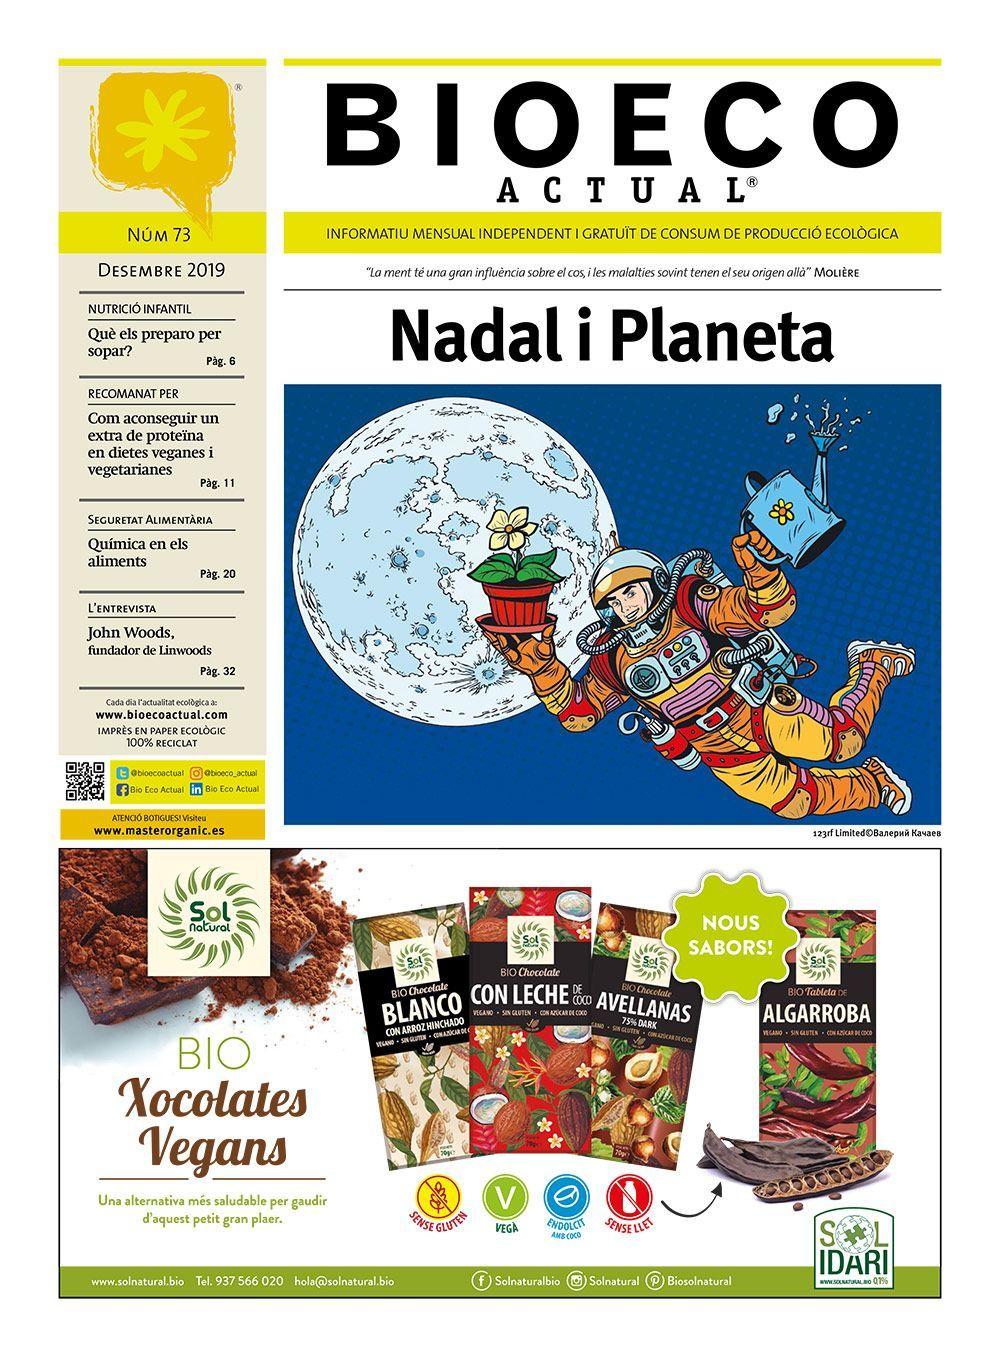 Bio Eco Actual Desembre 2019 premsa independent en català alimentació ecològica sostenibilitat medi ambient salut